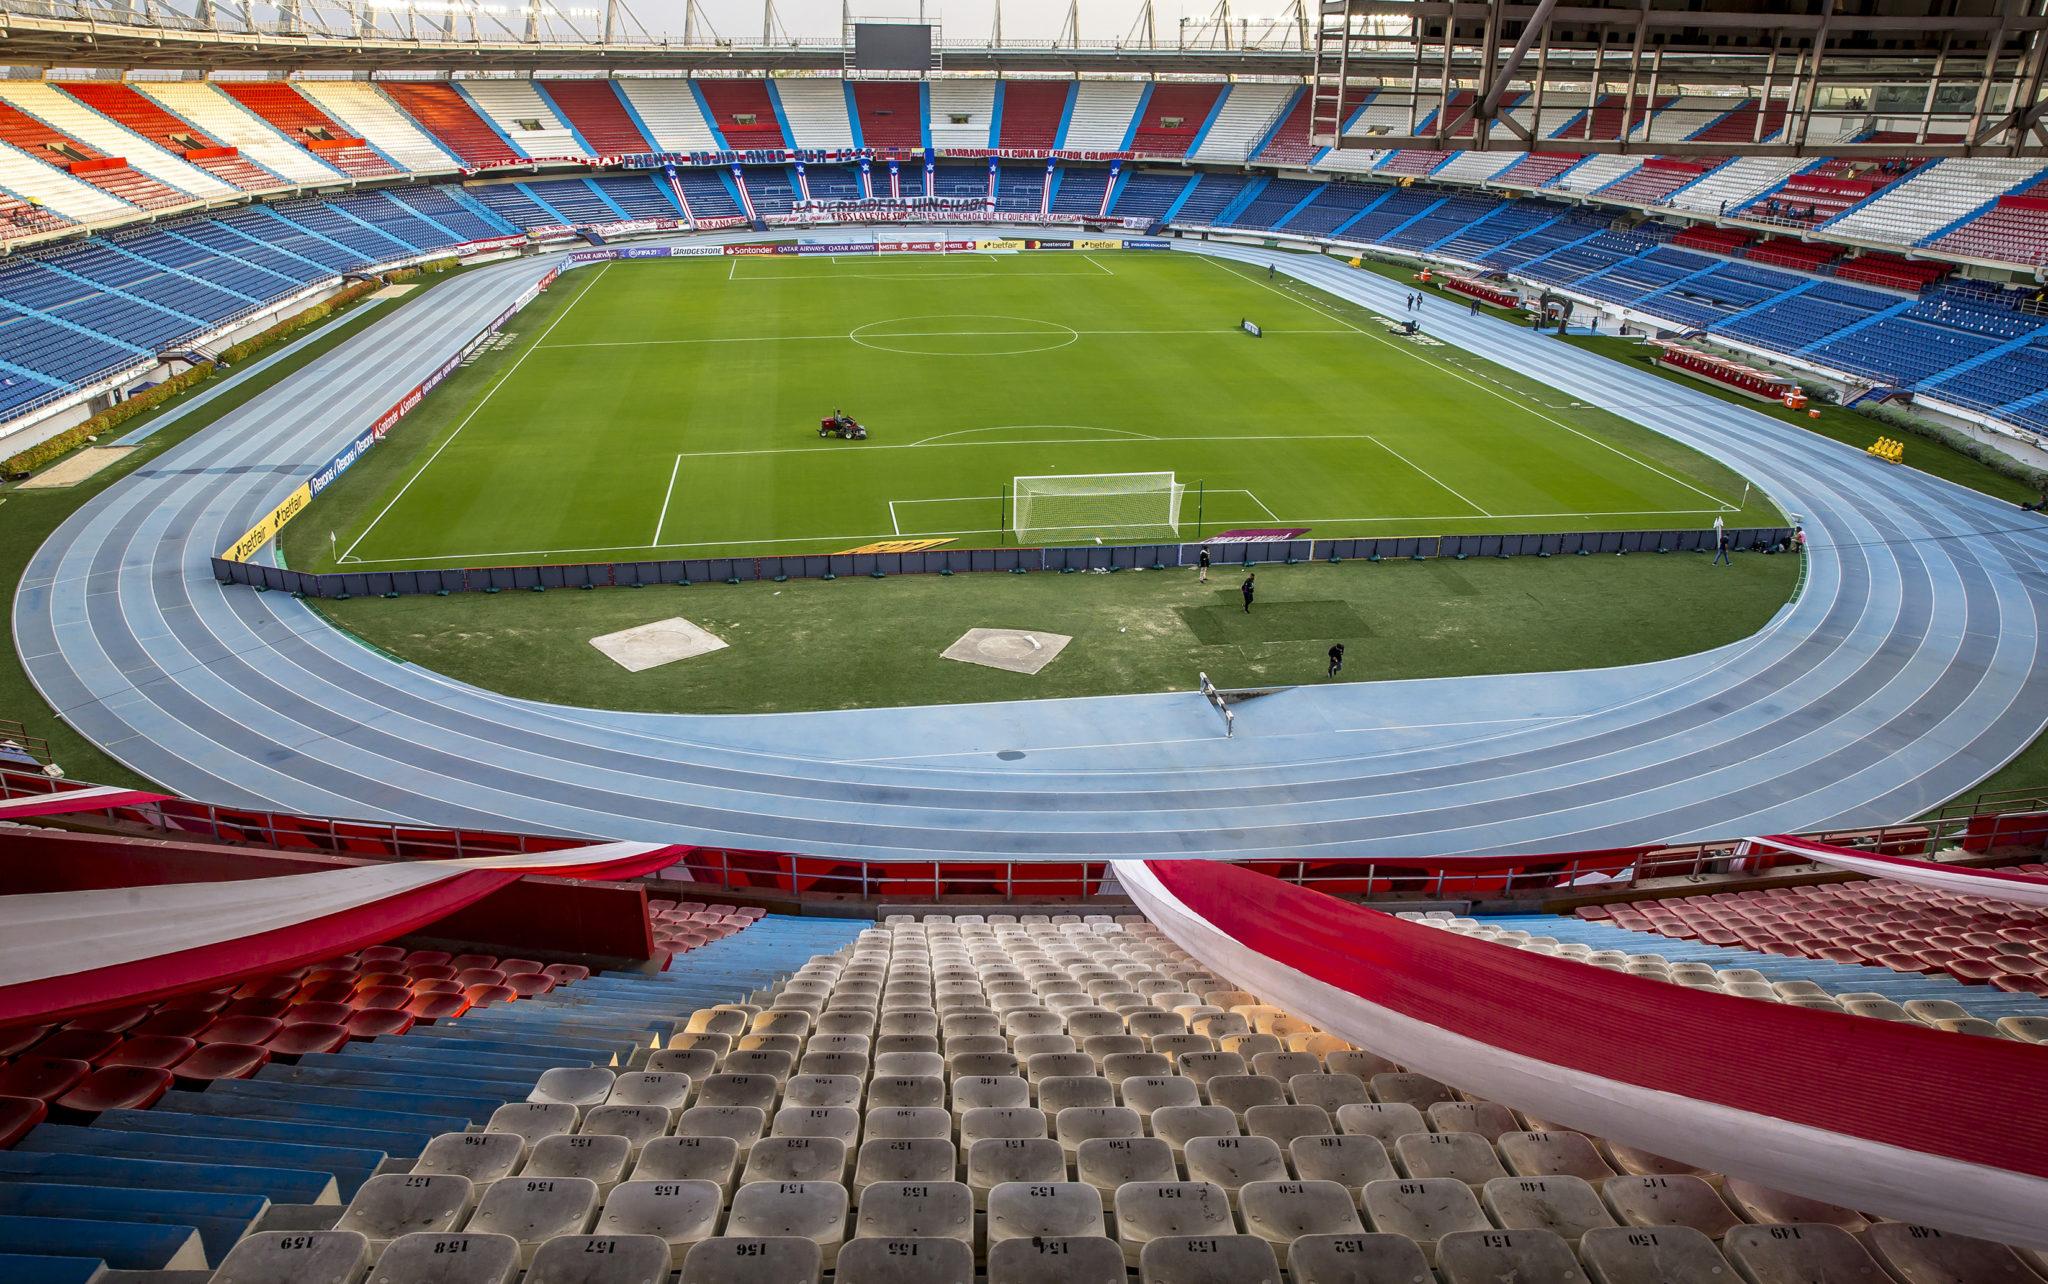 Com objetivos distintos, Colômbia e Brasil se enfrentam na noite deste domingo (10), às 18h, no Estádio Metropolitano Barranquilla